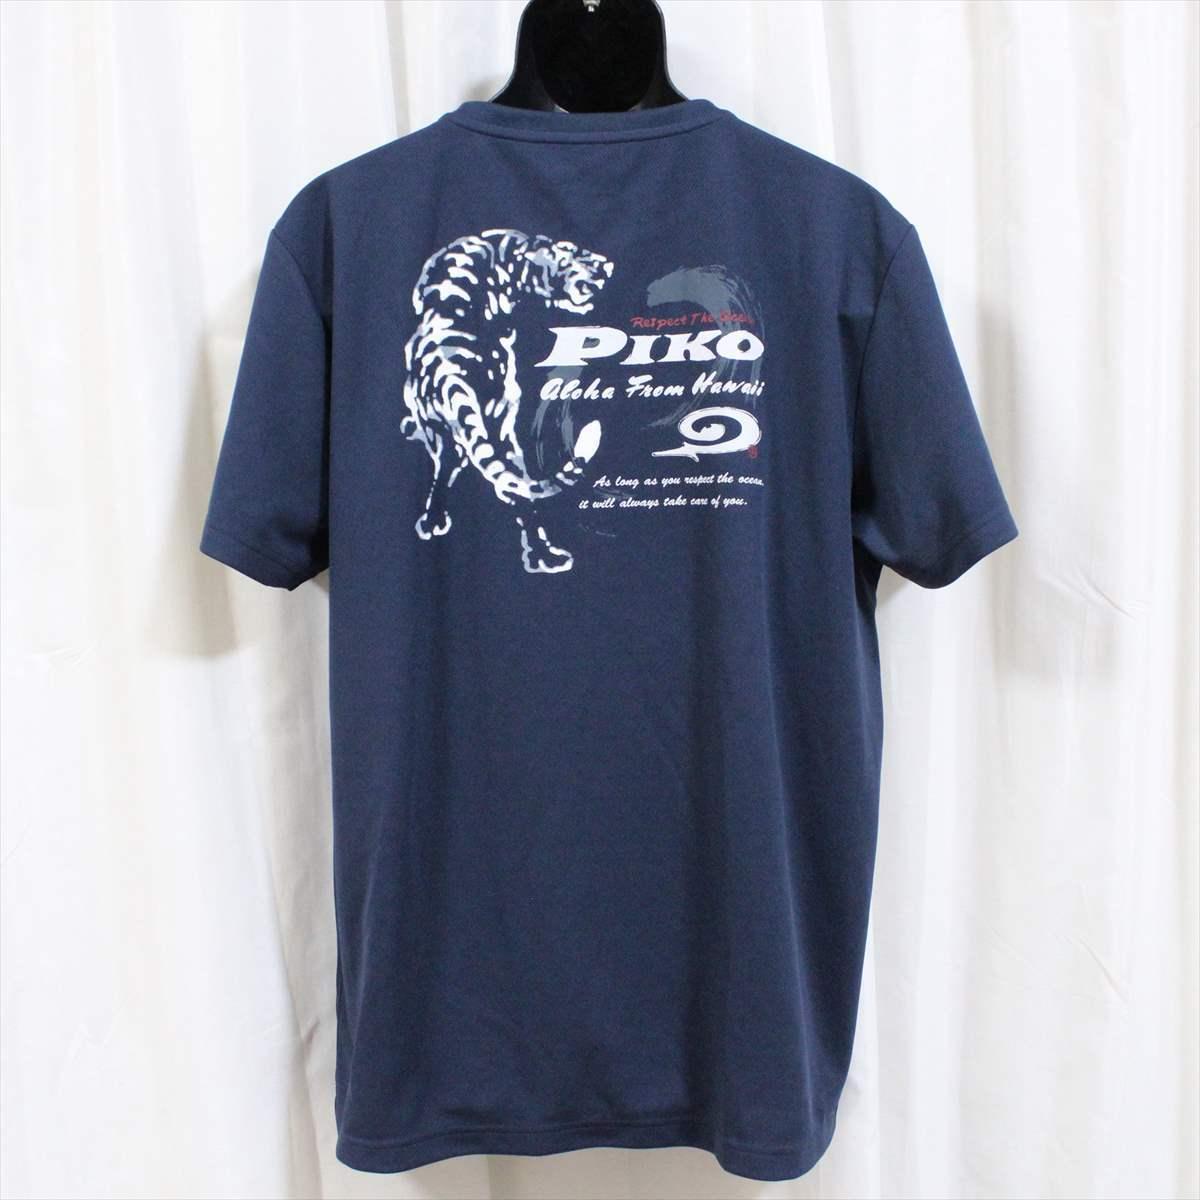 ピコ PIKO メンズ半袖メッシュTシャツ ネイビー XLサイズ 新品 HAWAIIAN LONGBOARD WEAR 紺_画像3